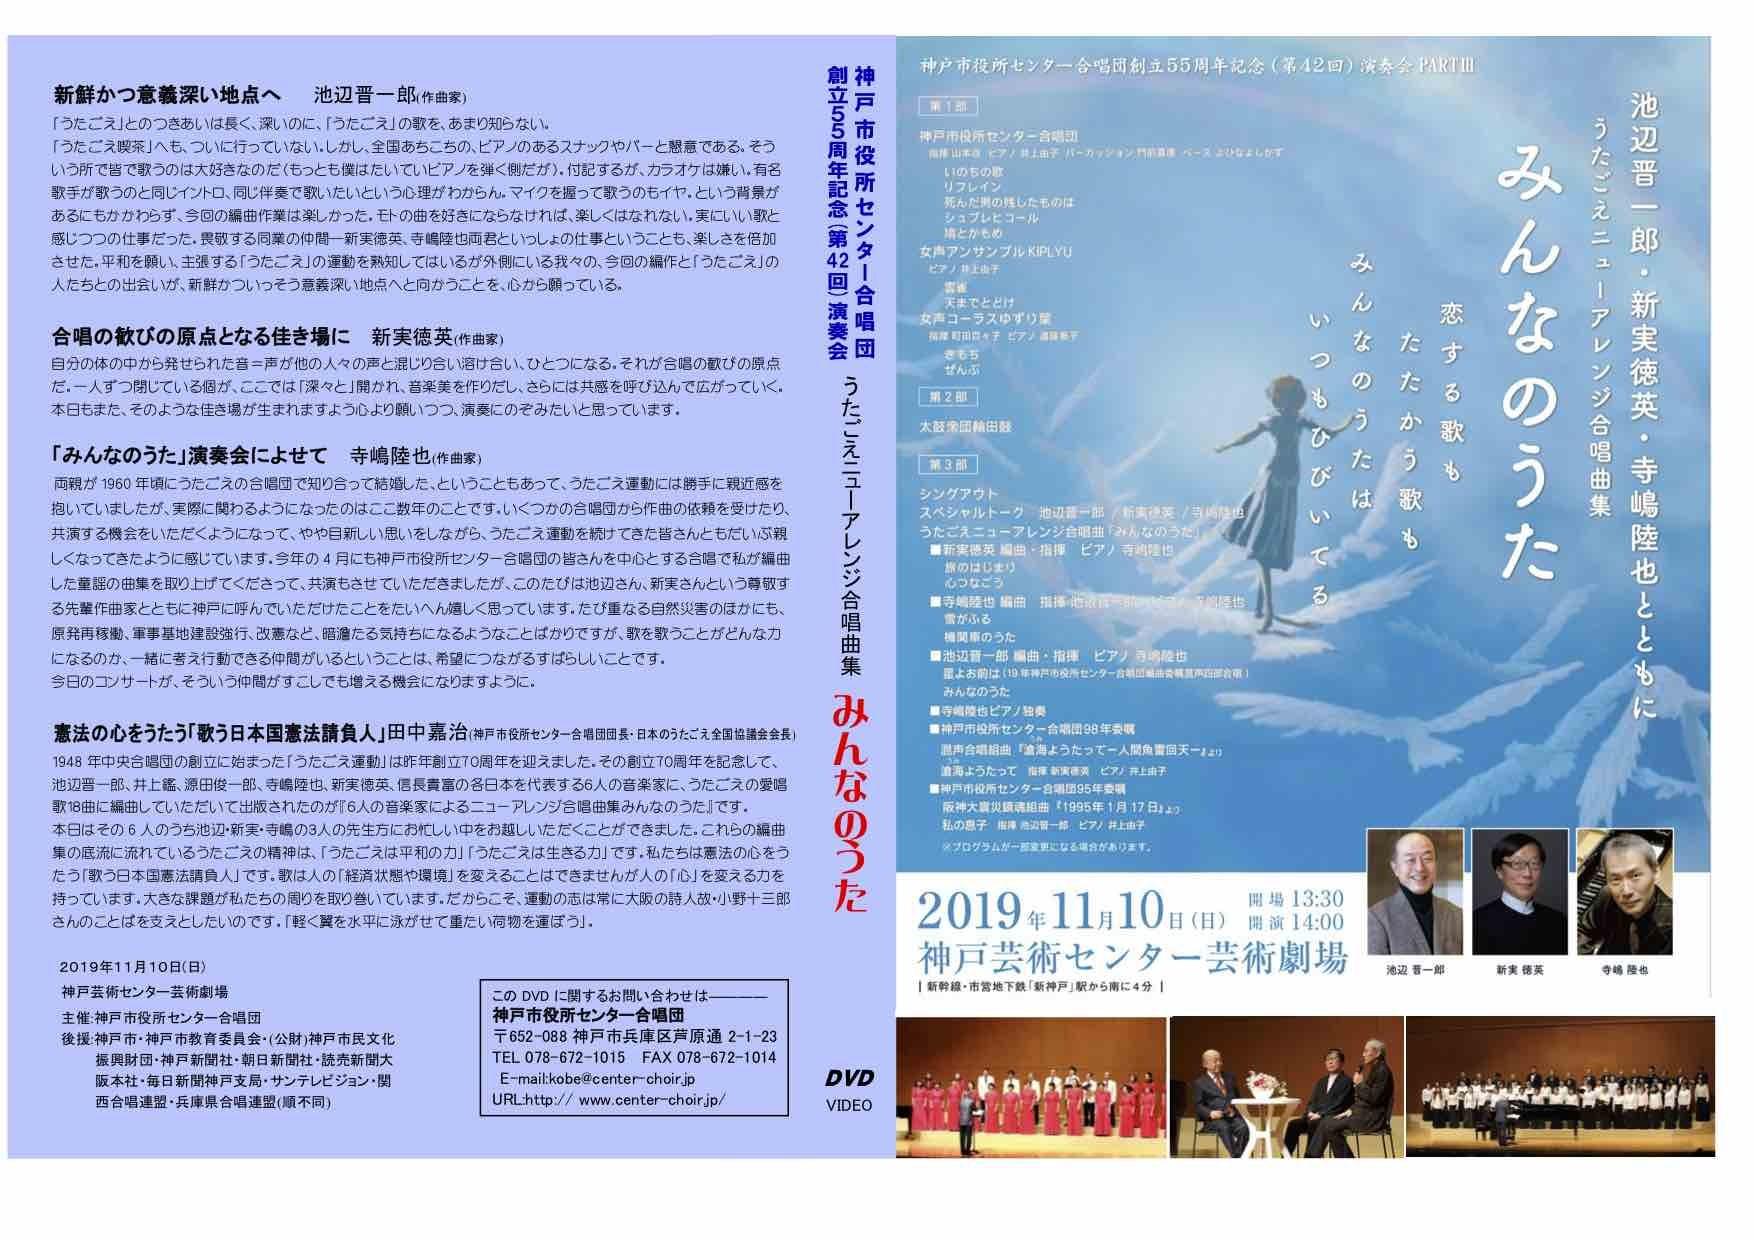 神戸市役所センター合唱団創立55周年記念(第42回)演奏会 CD